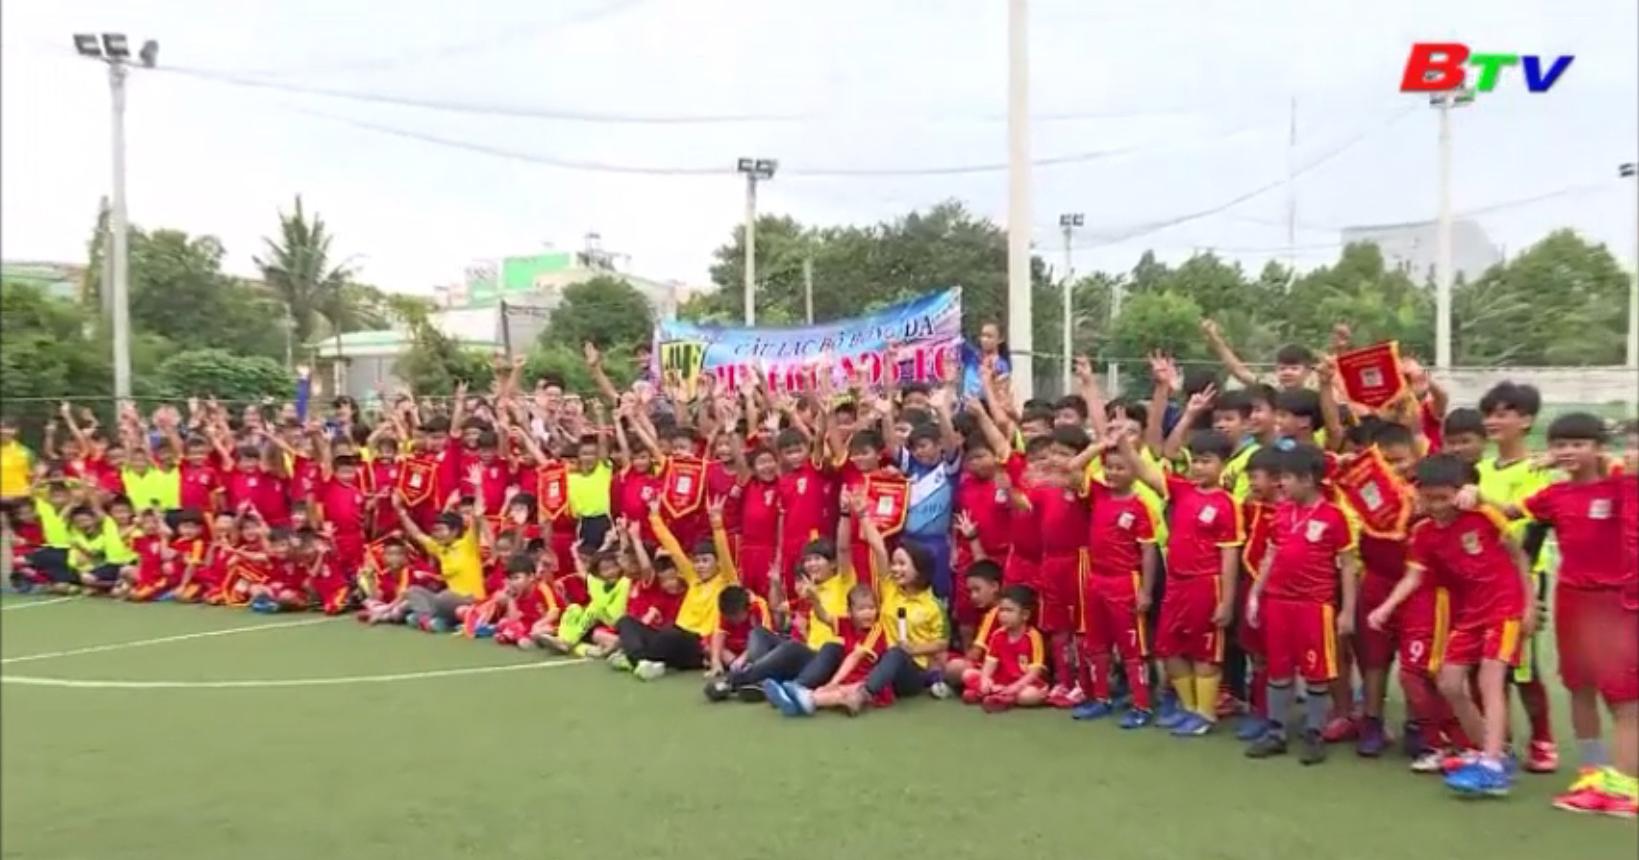 Ngày hội bóng đá My Friends, nơi thắp lửa niềm đam mê